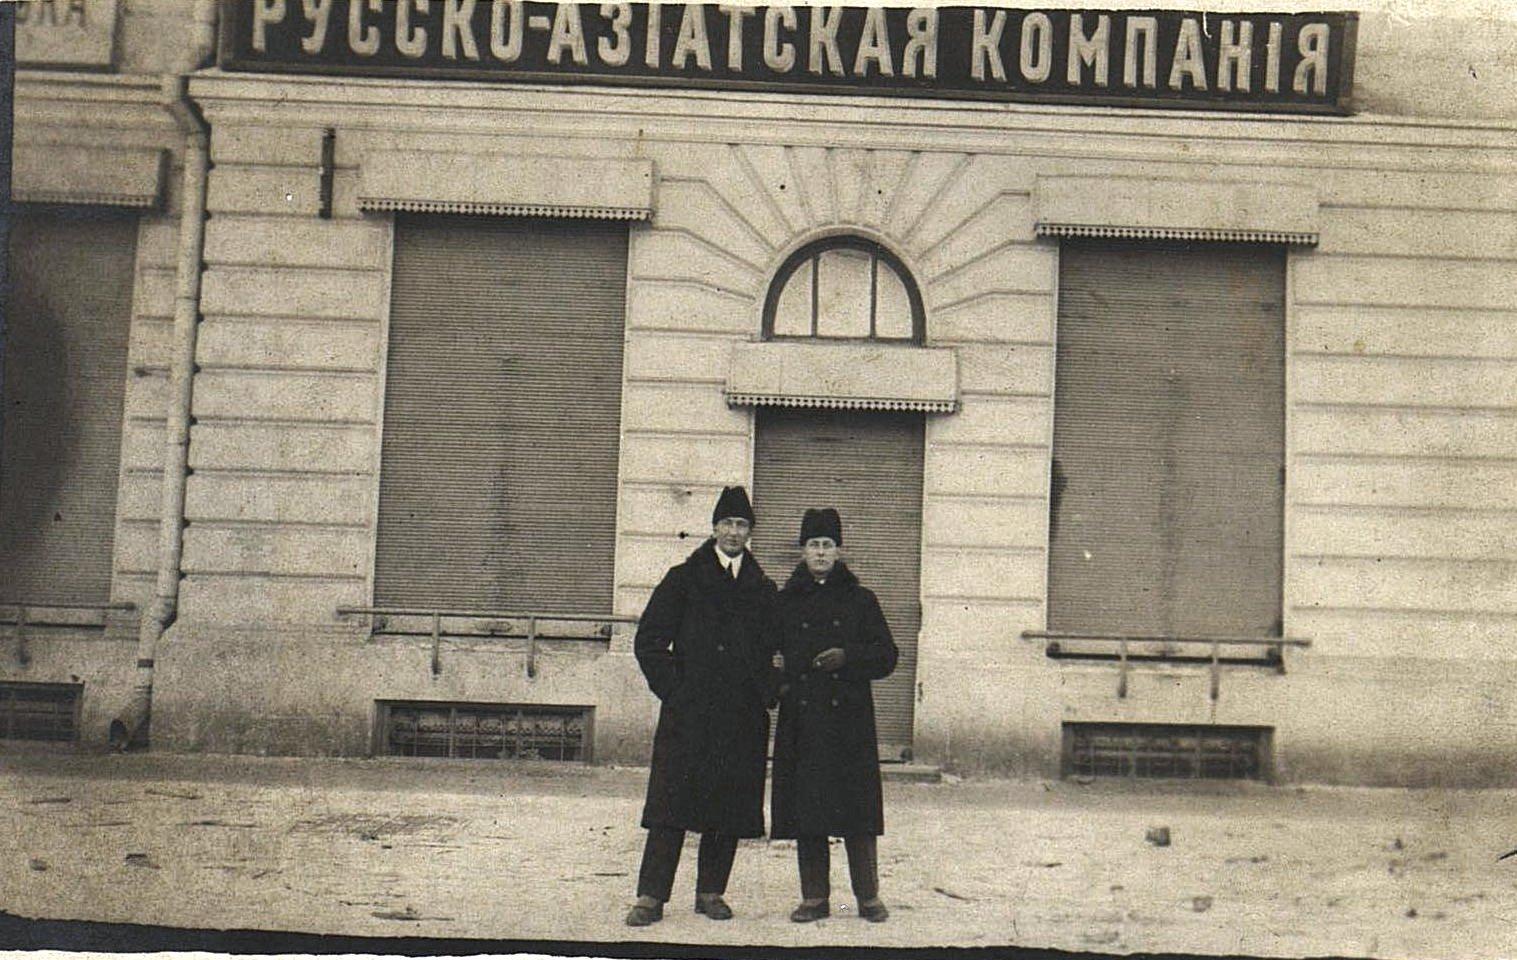 Портрет служащих русско-азиатской компании у здания представительства компании. 1918